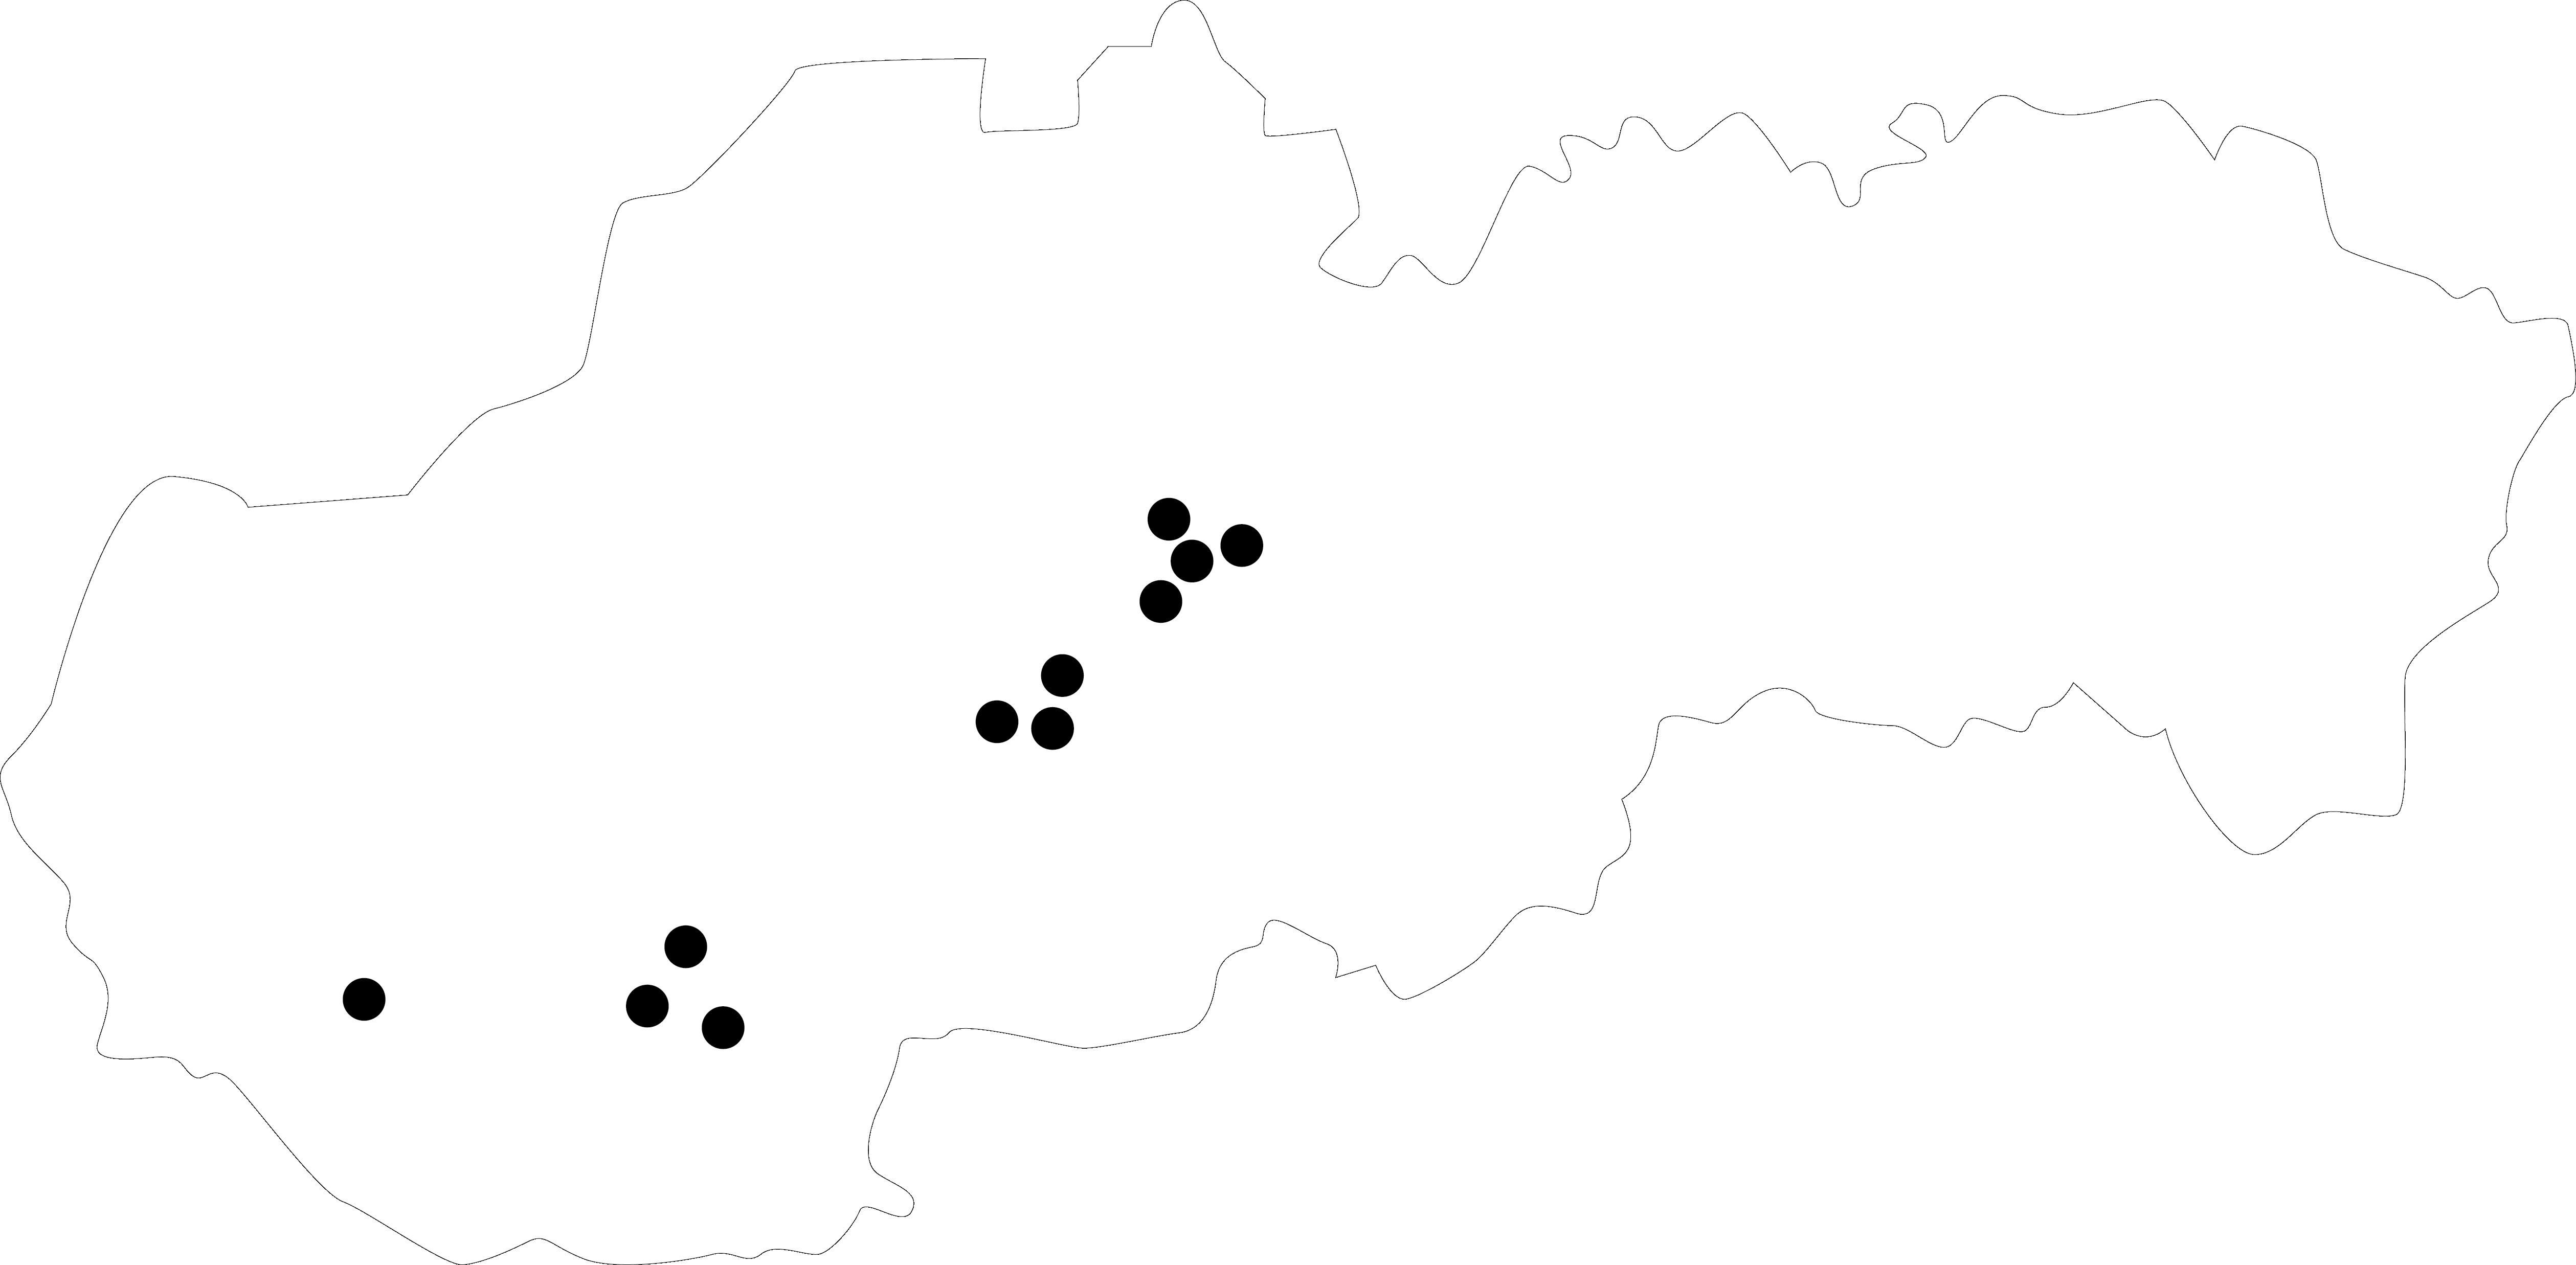 mapka slovensko